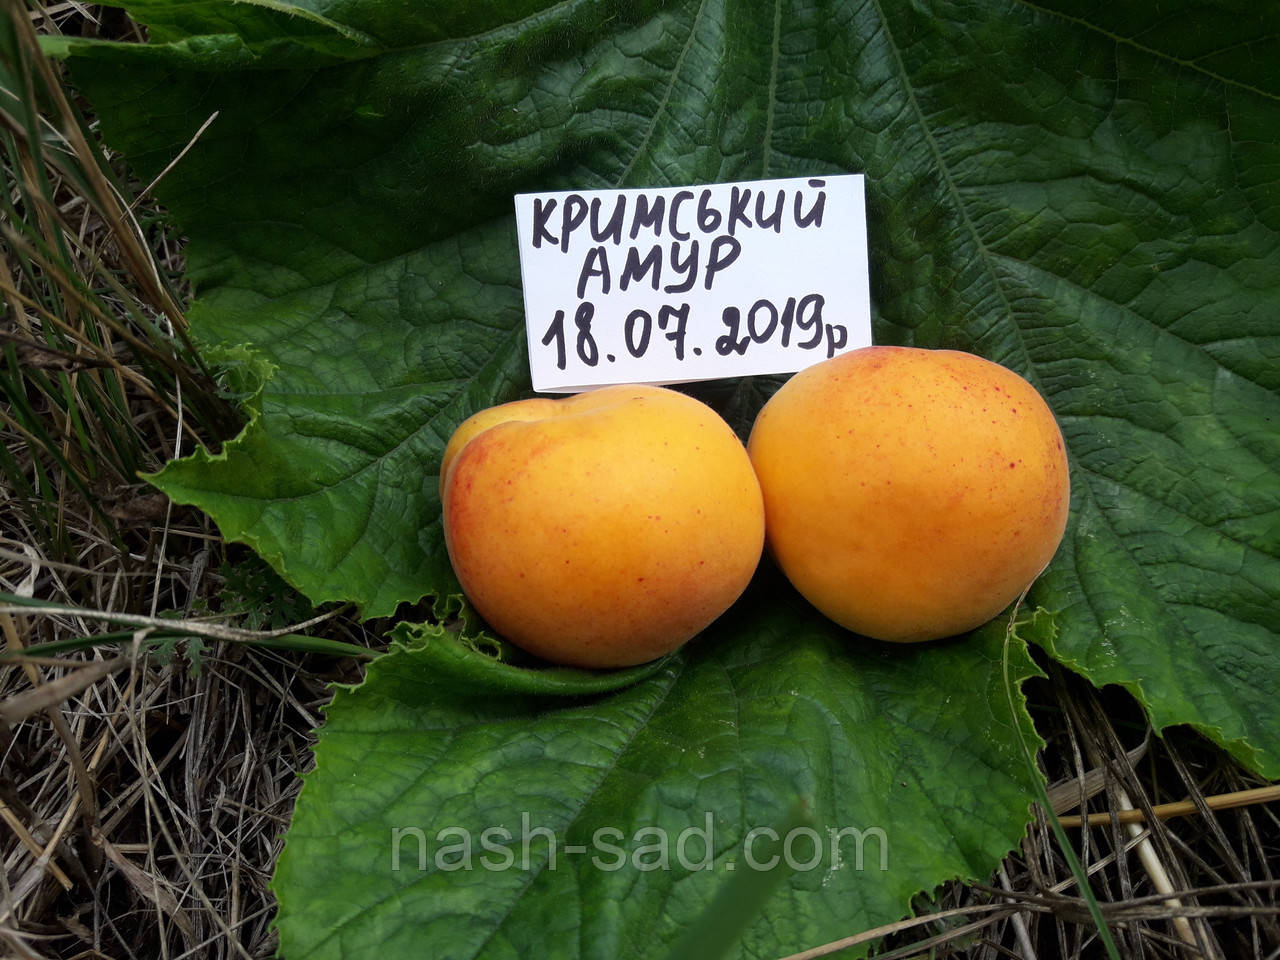 Саженцы абрикоса Крымский Амур (Украина)